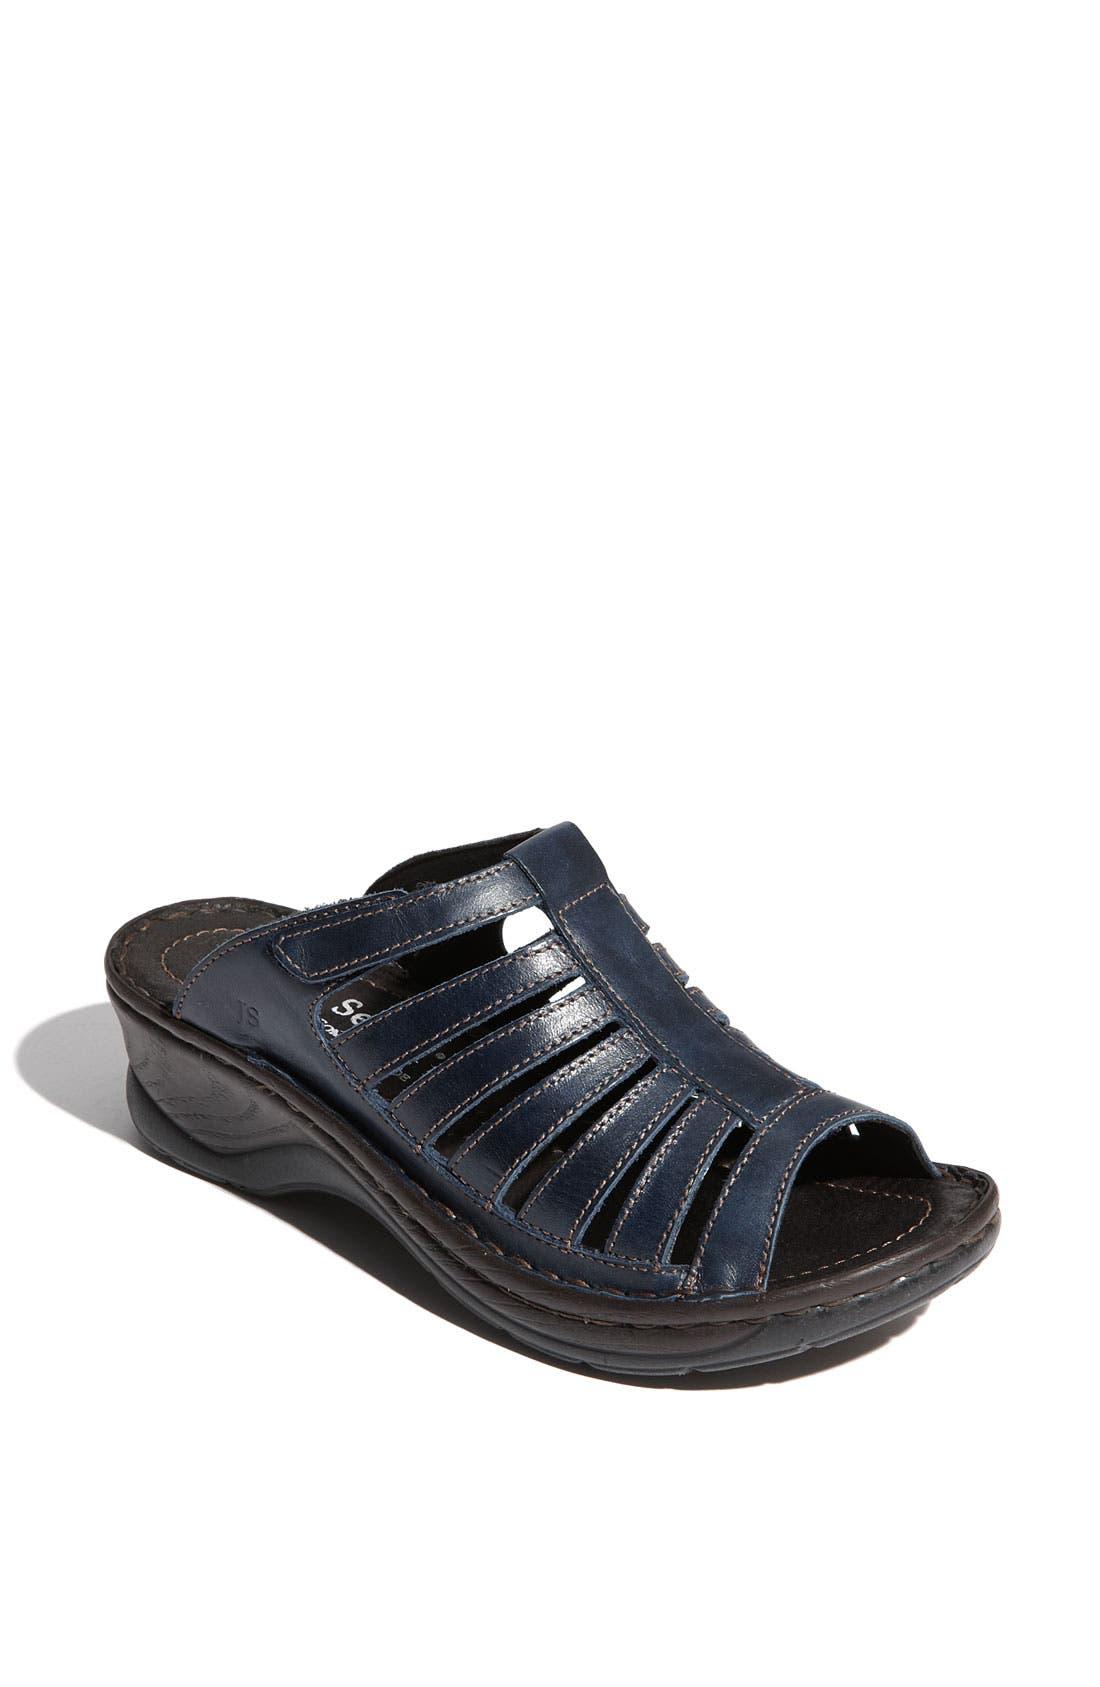 Alternate Image 1 Selected - Josef Seibel 'Claudia' Sandal